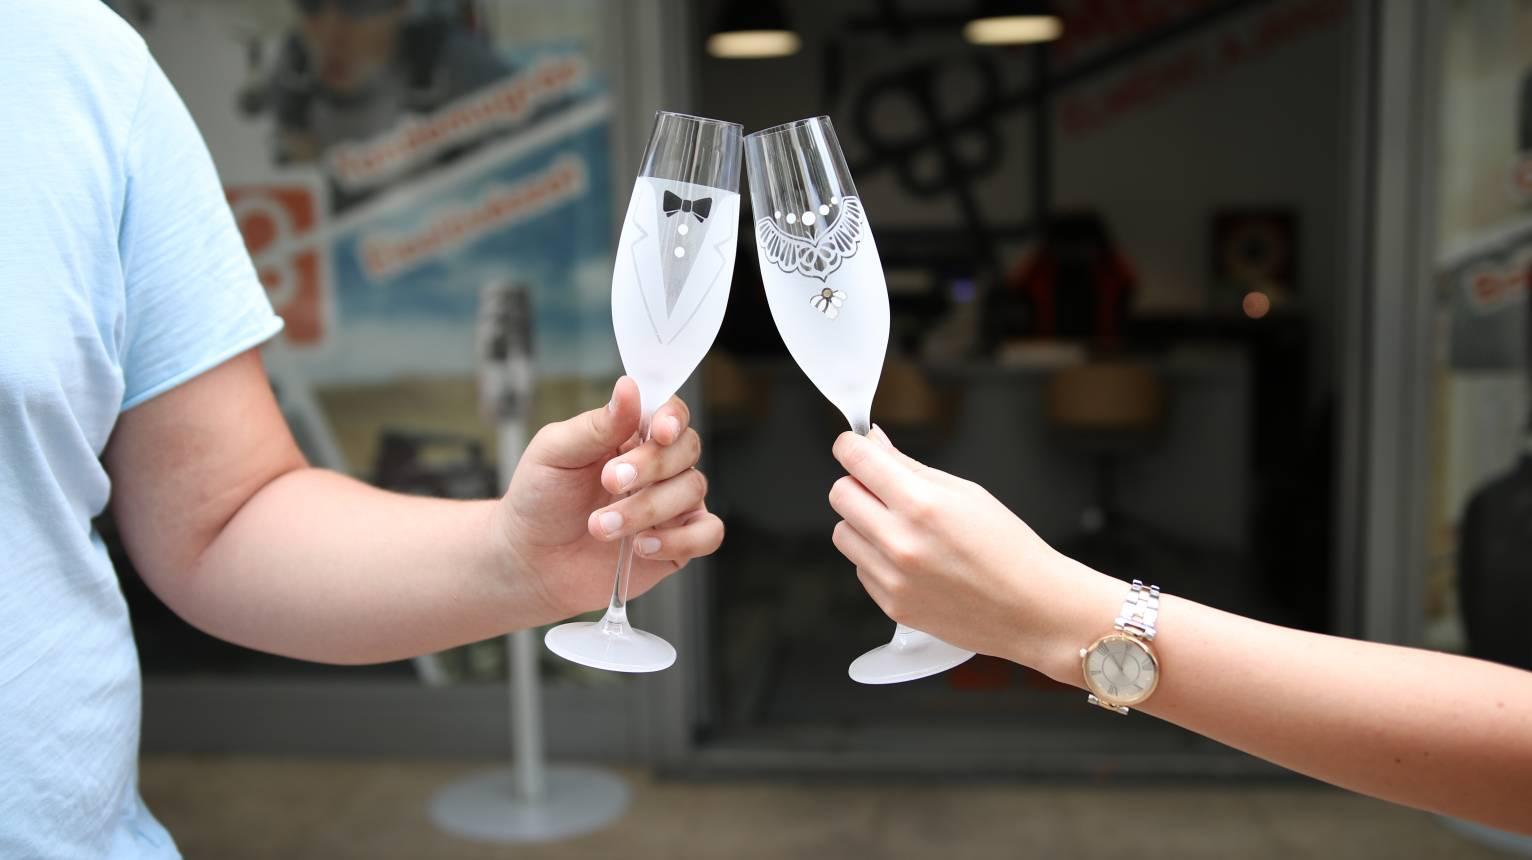 Egyedi Férfi-Nő pezsgőspohár nászajándékba, évfordulóra vicces designnal